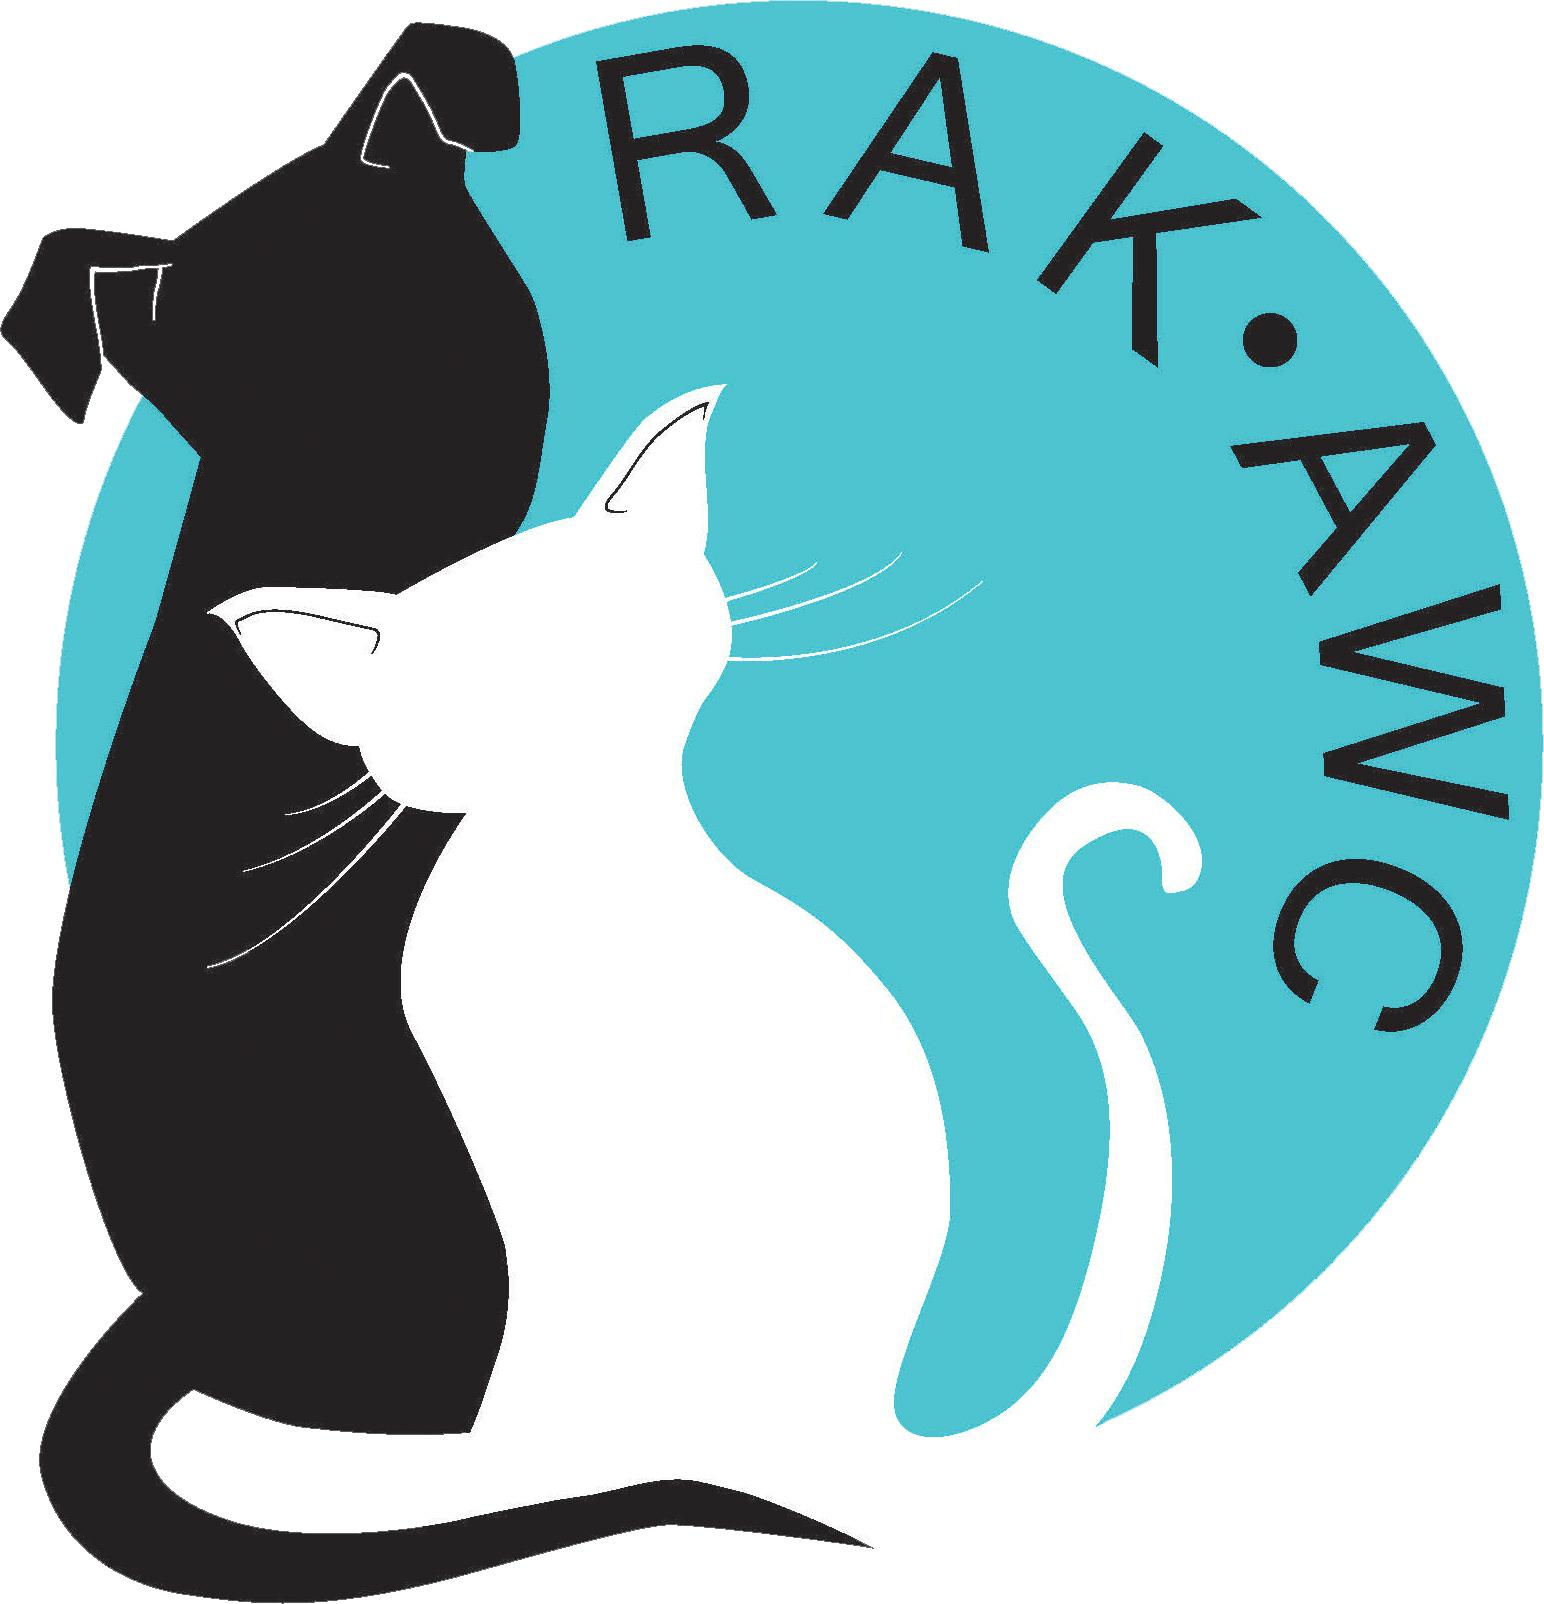 RAK animal welfare